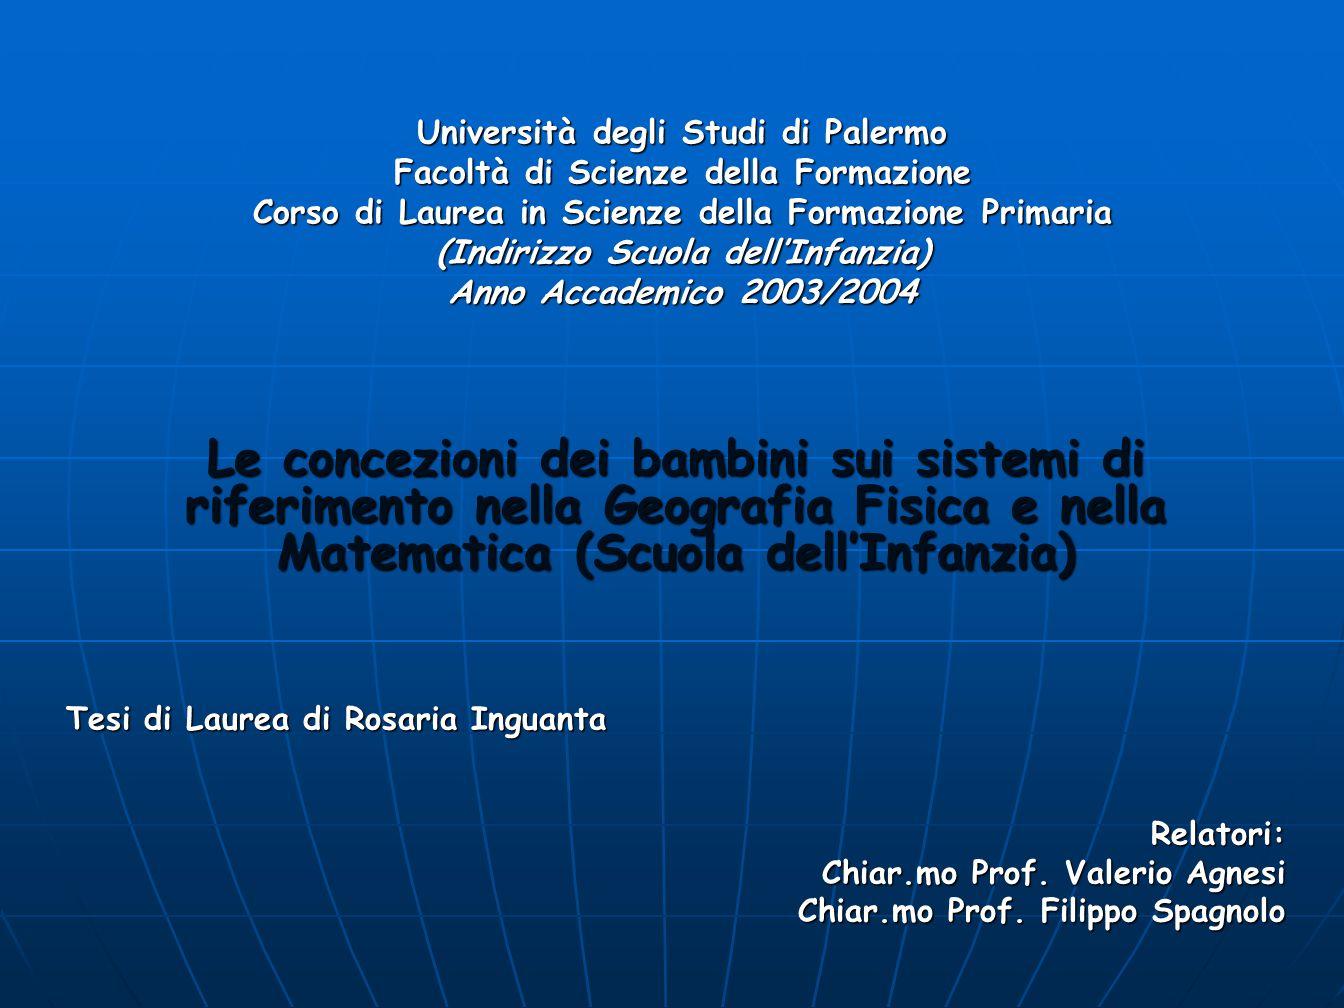 Rosaria Inguanta L'ipotesi portante di questo lavoro è quello della classificazione delle concezioni degli allievi della scuola dell'infanzia sui sistemi di riferimento in una situazione didattica che coinvolge sia la geografia fisica sia la matematica.